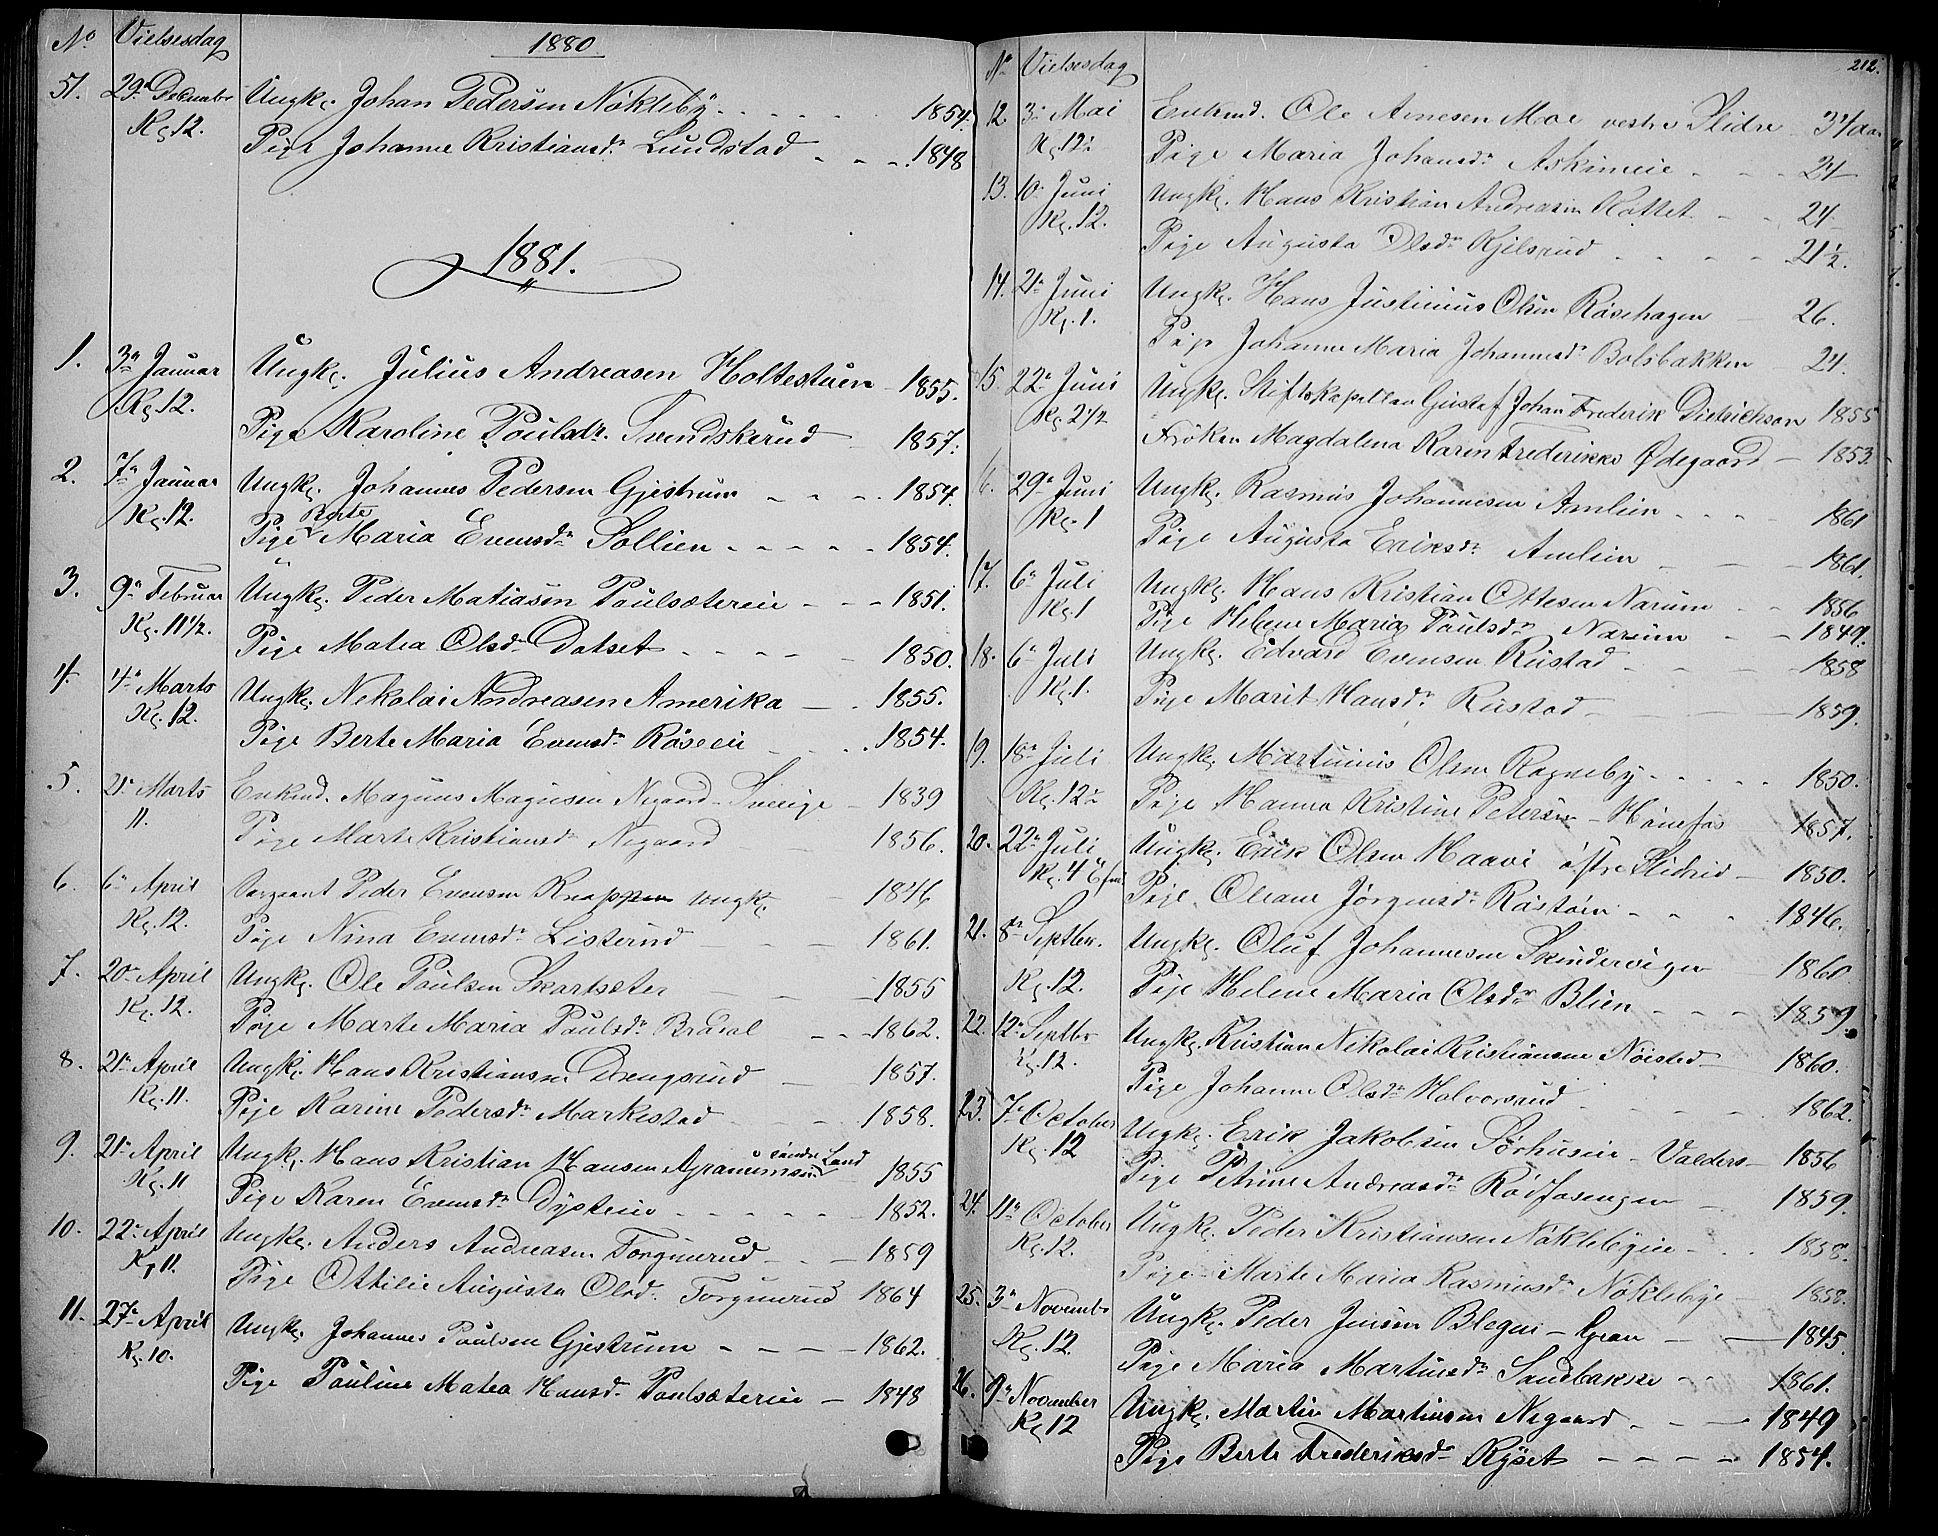 SAH, Vestre Toten prestekontor, H/Ha/Hab/L0006: Klokkerbok nr. 6, 1870-1887, s. 212